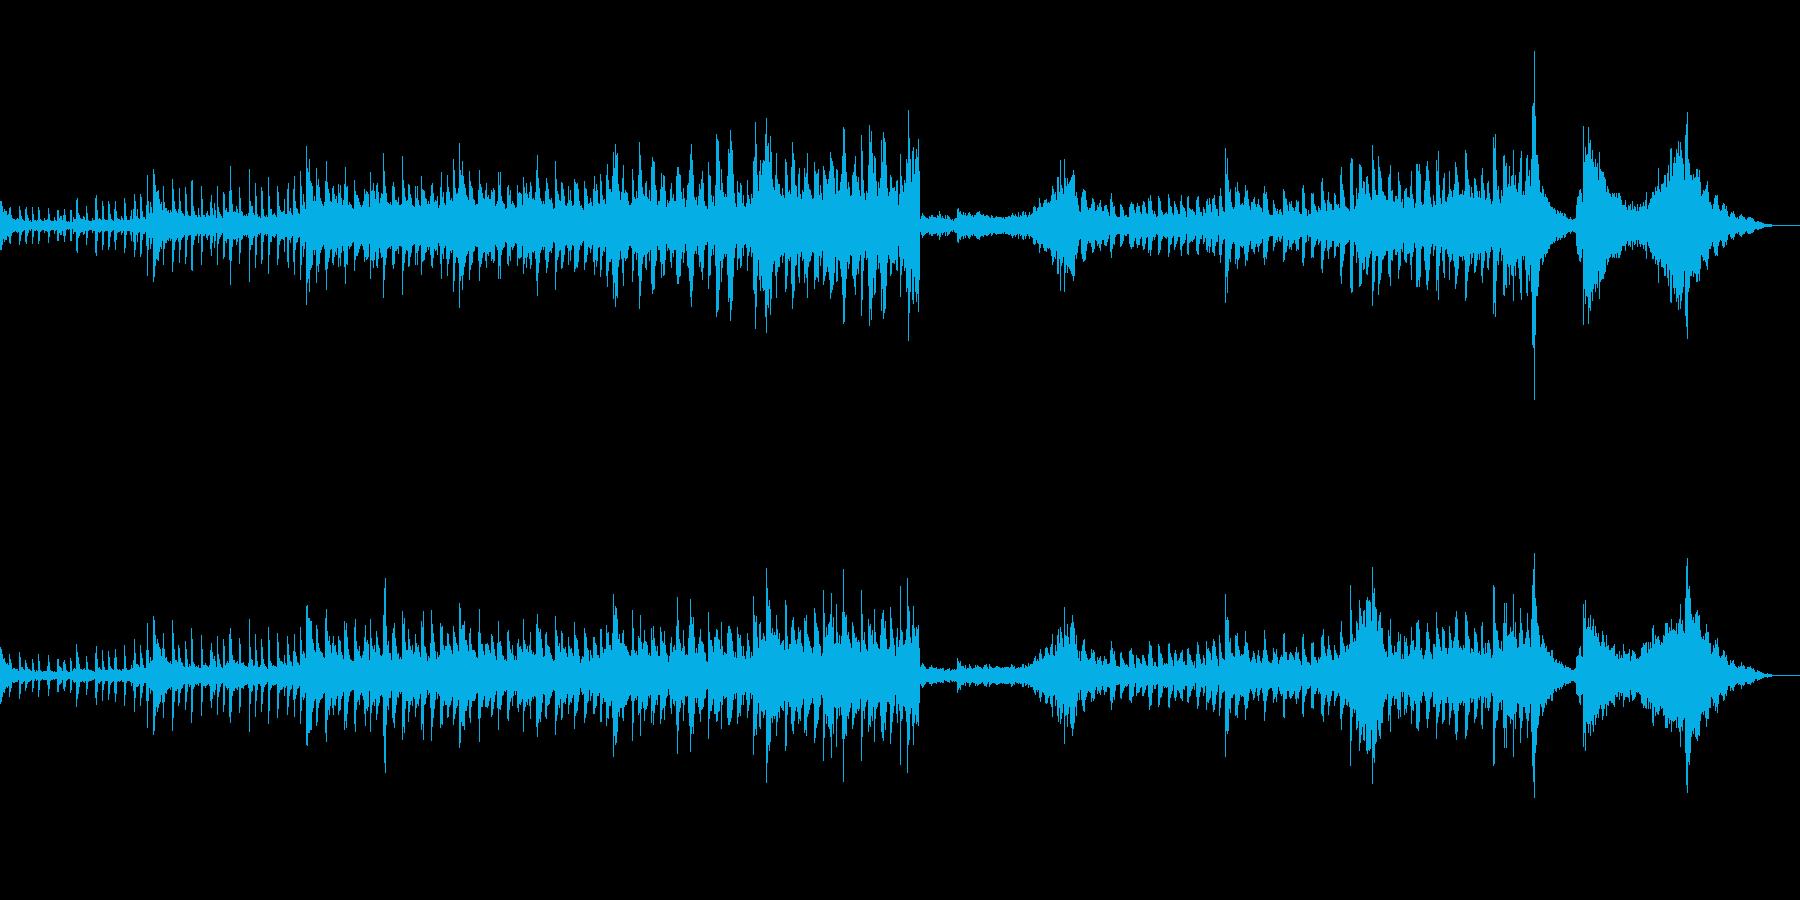 疾走感のある映画風オーケストラの再生済みの波形